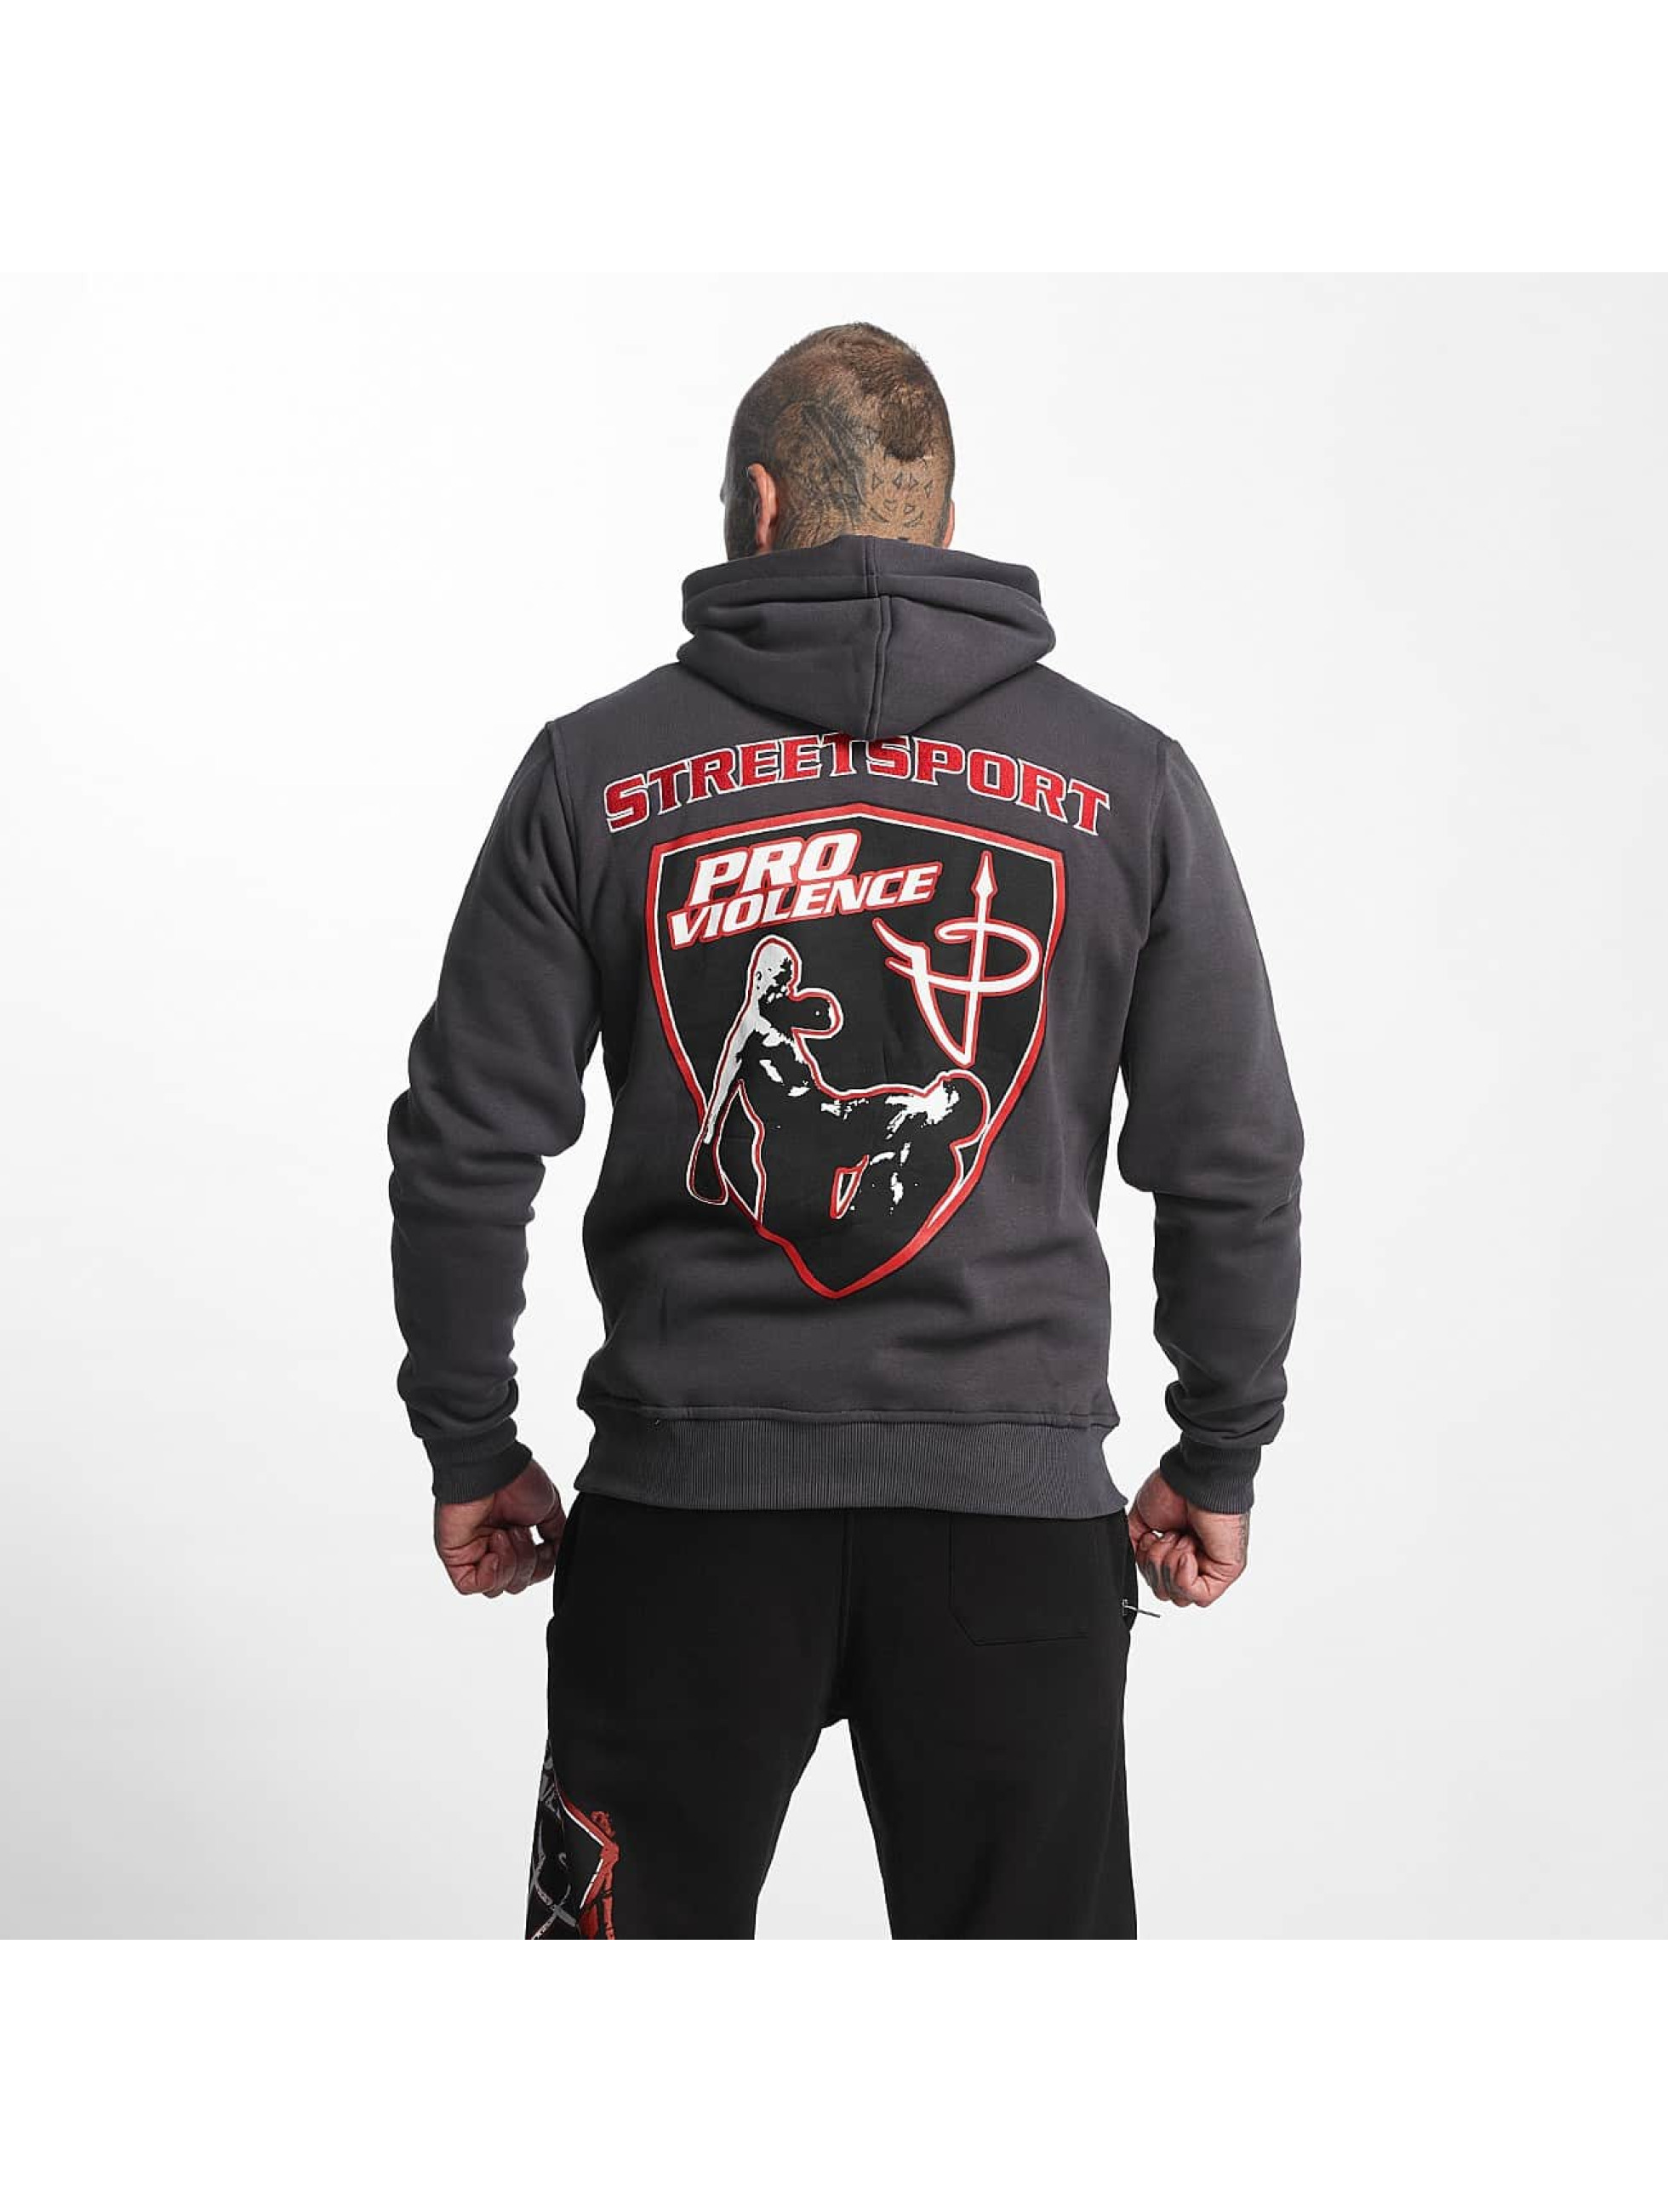 Pro Violence Streetwear Hettegensre Adrenlin Hunter grå